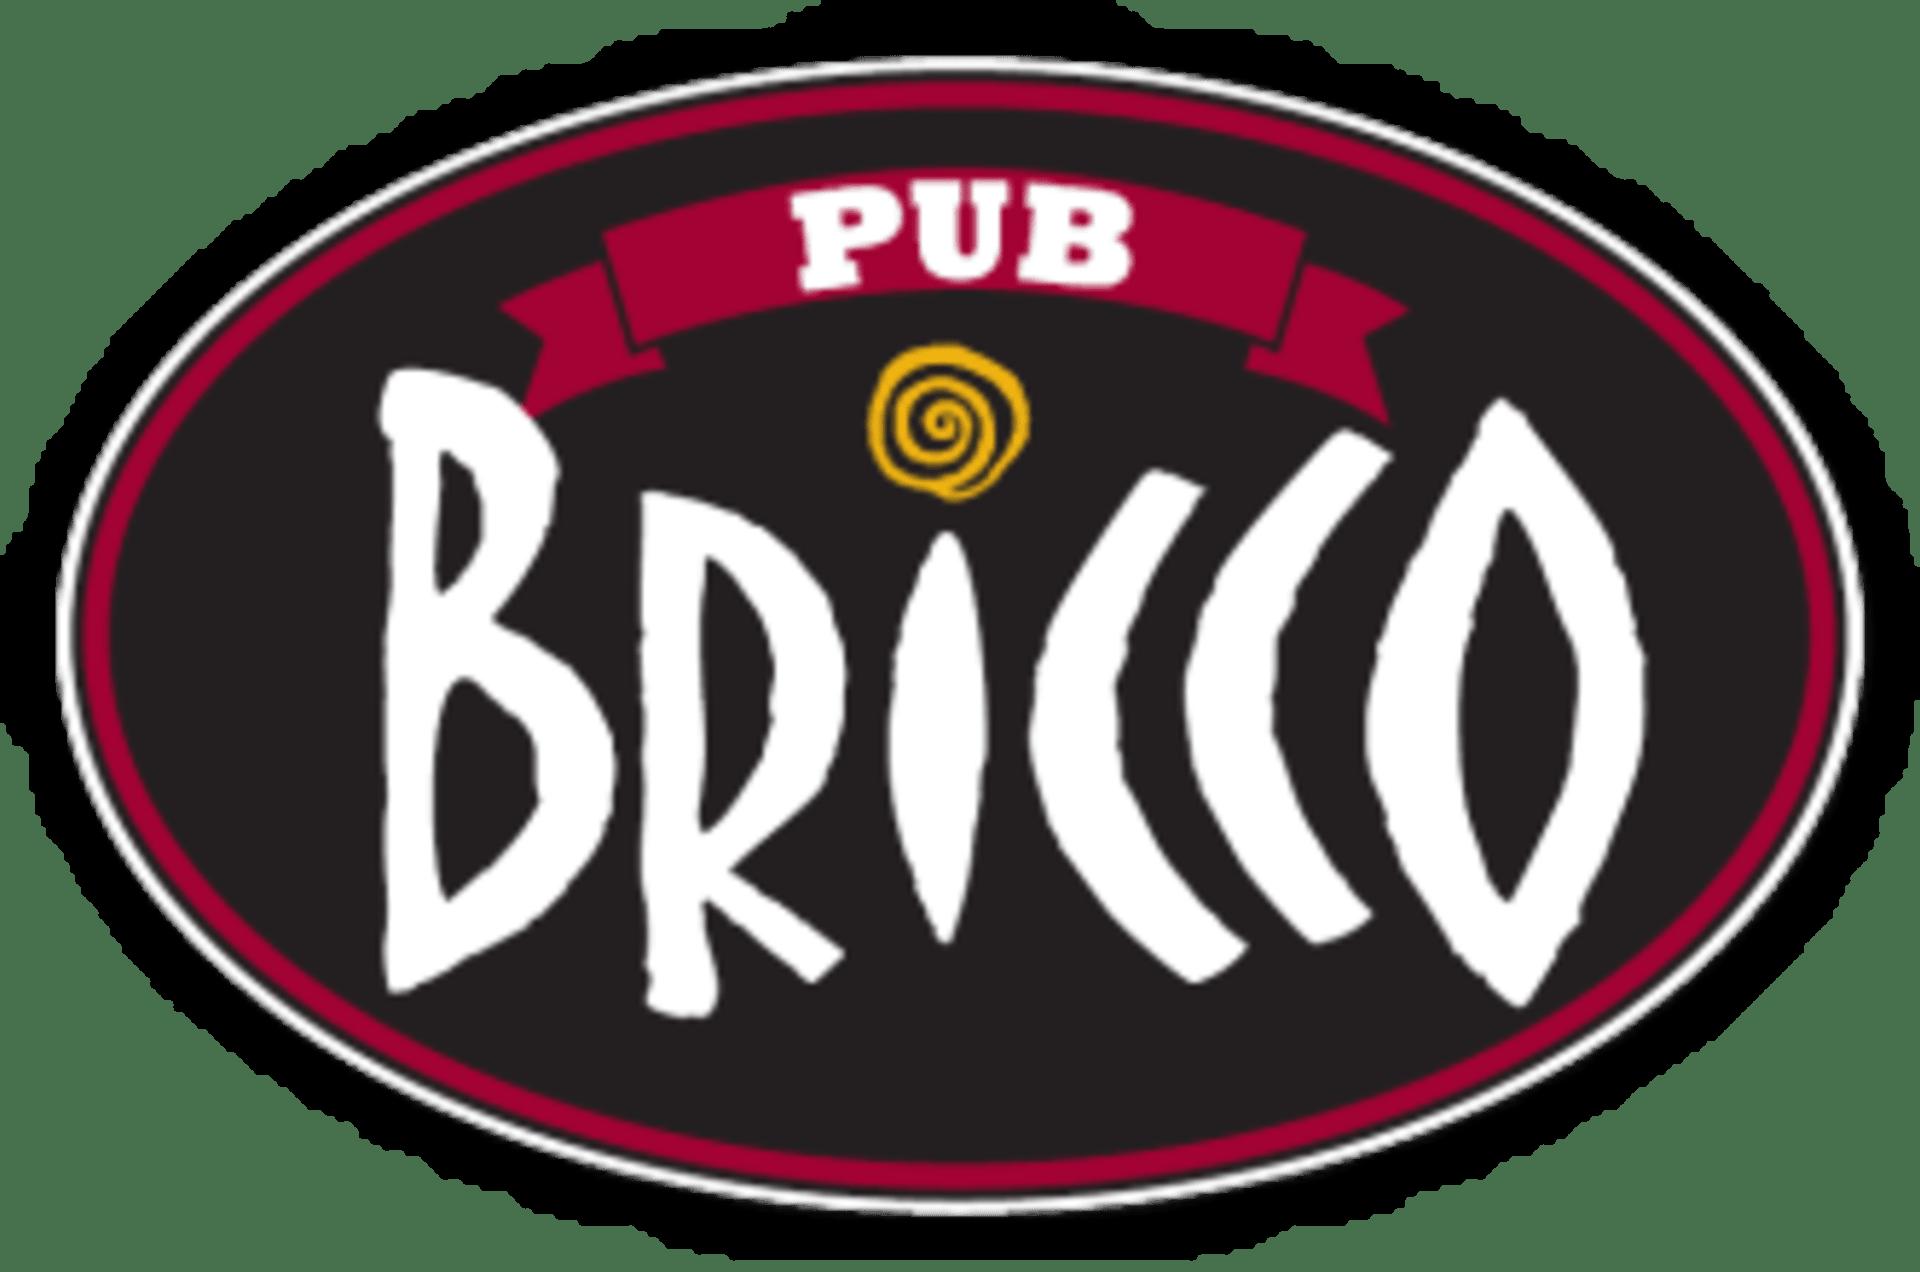 Pub Bricco Logo